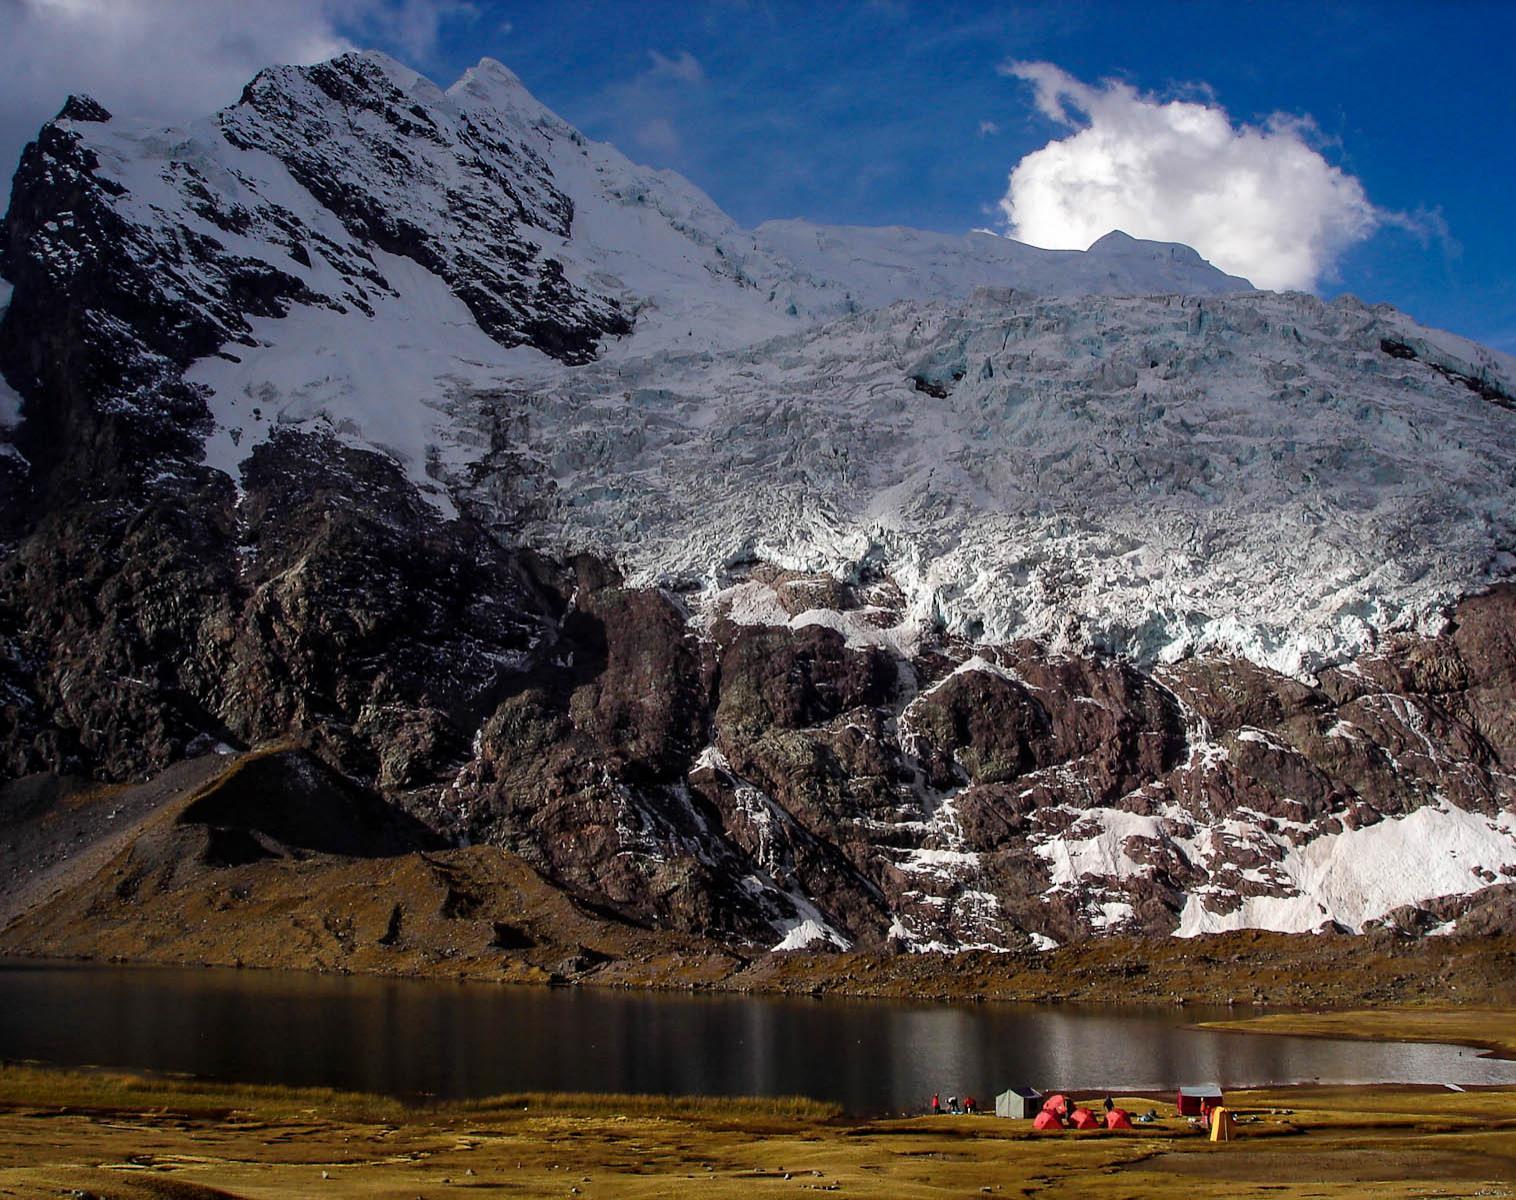 Pérou  Ausangate et Machu Picchu   Trek & Randonnée Monuments historiques